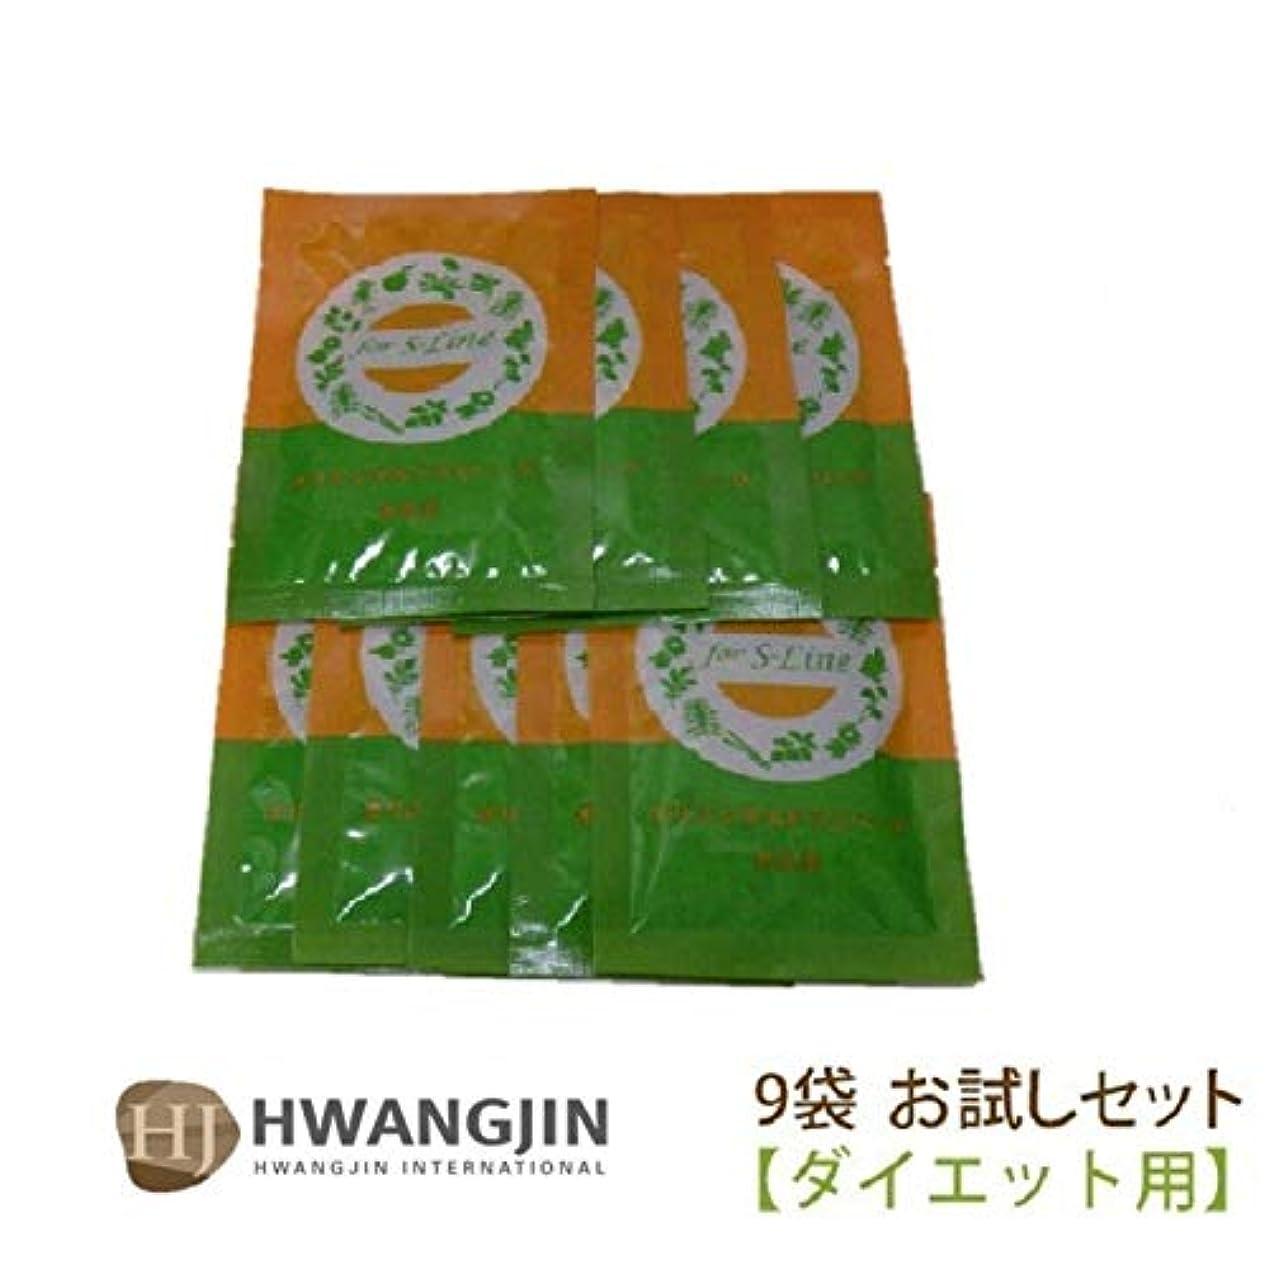 恵み港まさにファンジン黄土 座浴剤 9袋 正規品 (S-Line (ダイエット用) 9袋)